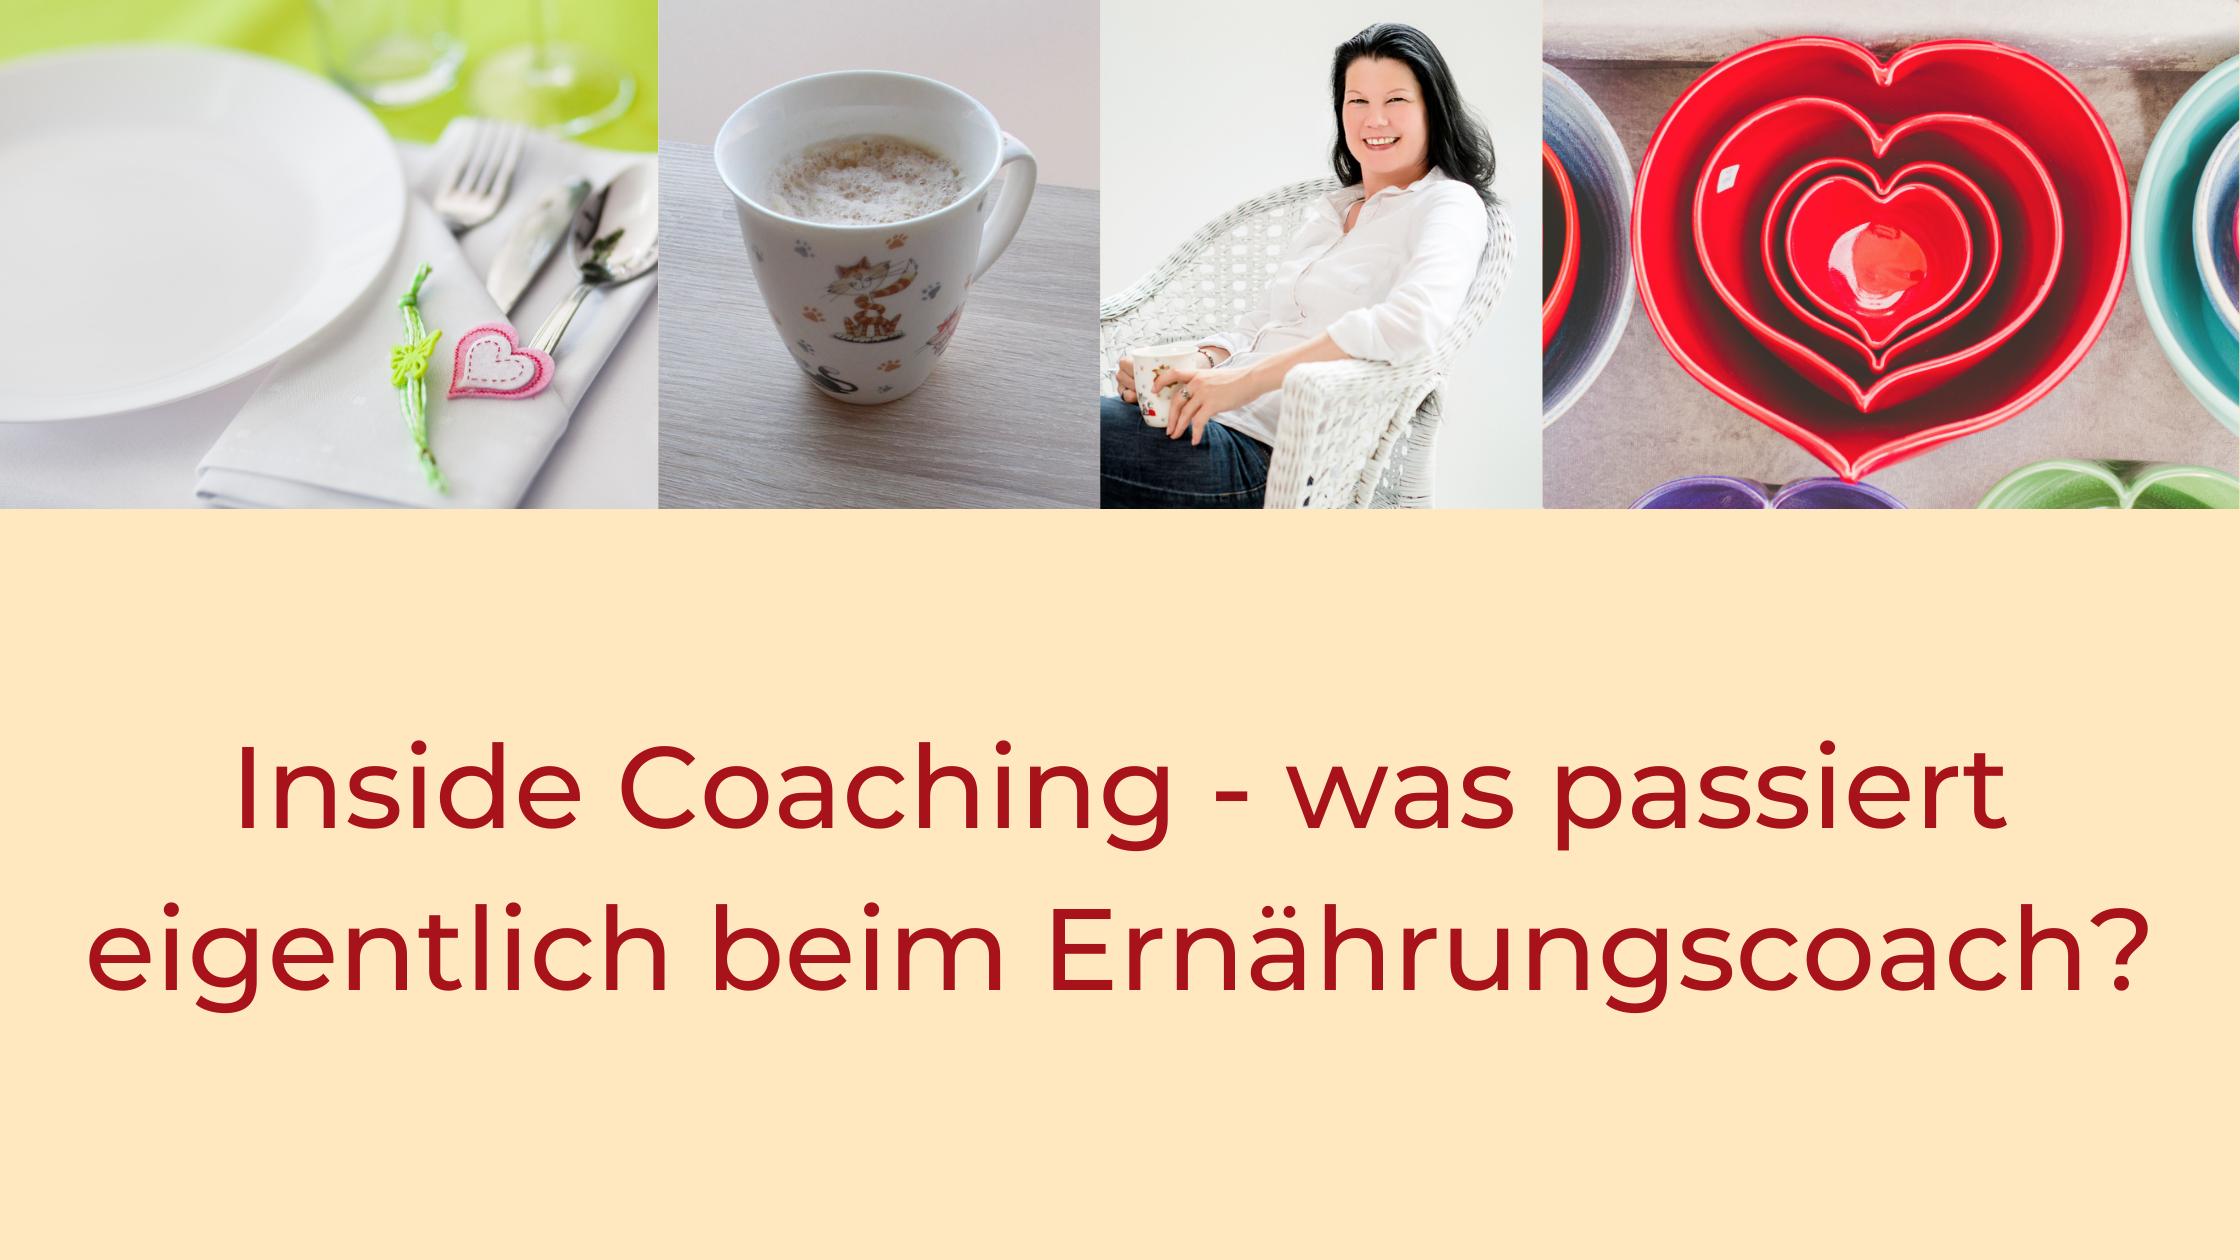 Titel: Inside Coaching - was passiert eigentlich beim Ernährungscoach?